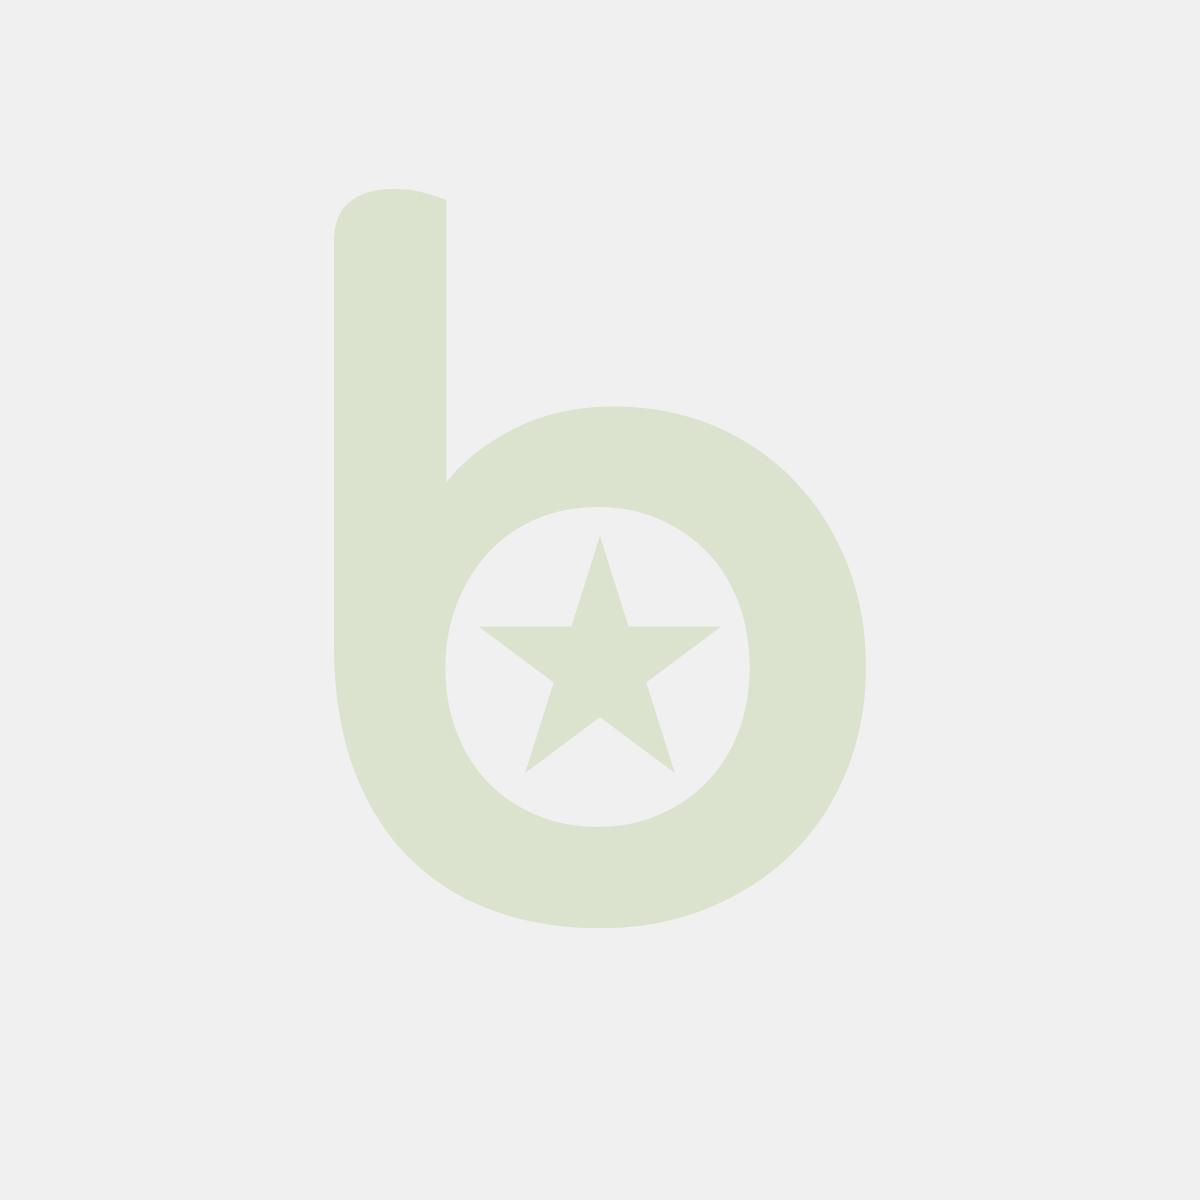 Koperty z folią bąbelkową HK, NC, A/11, 10 sztuk, wymiar wewnętrzny 100x165 mm, NC-11061700/10